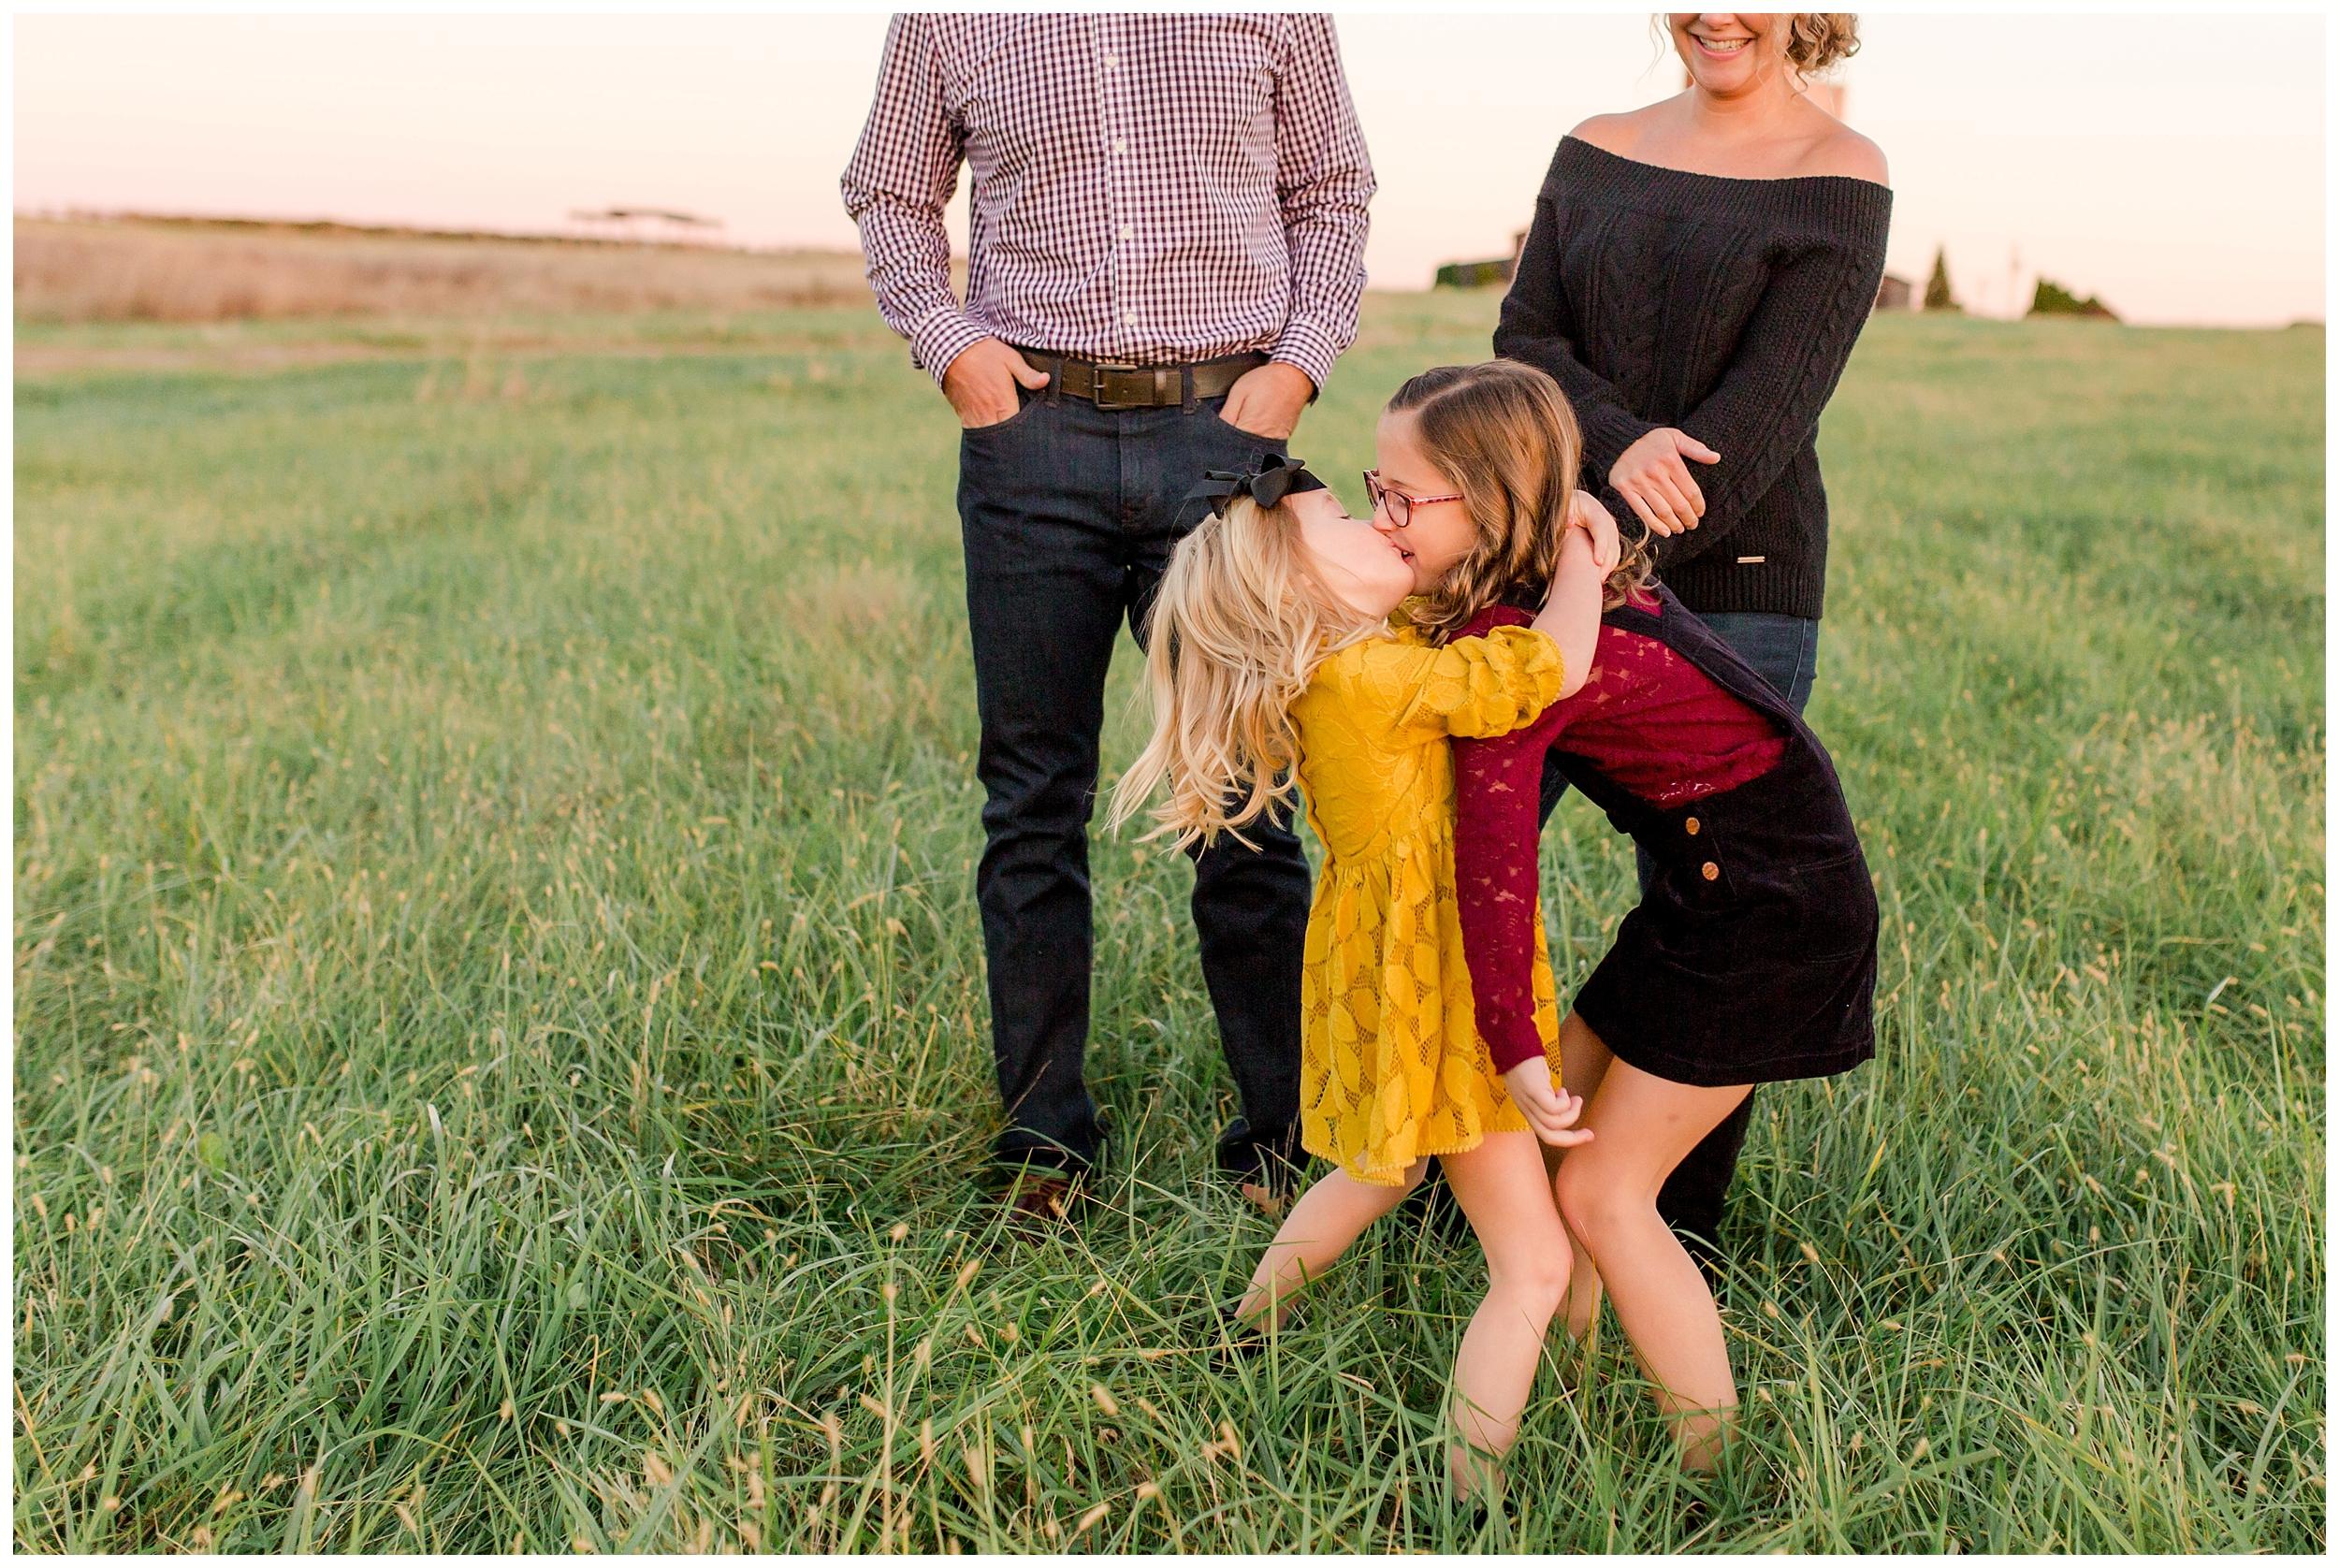 lexington-ky-family-lifestyle-photos-by-priscilla-baierlein_0957.jpg